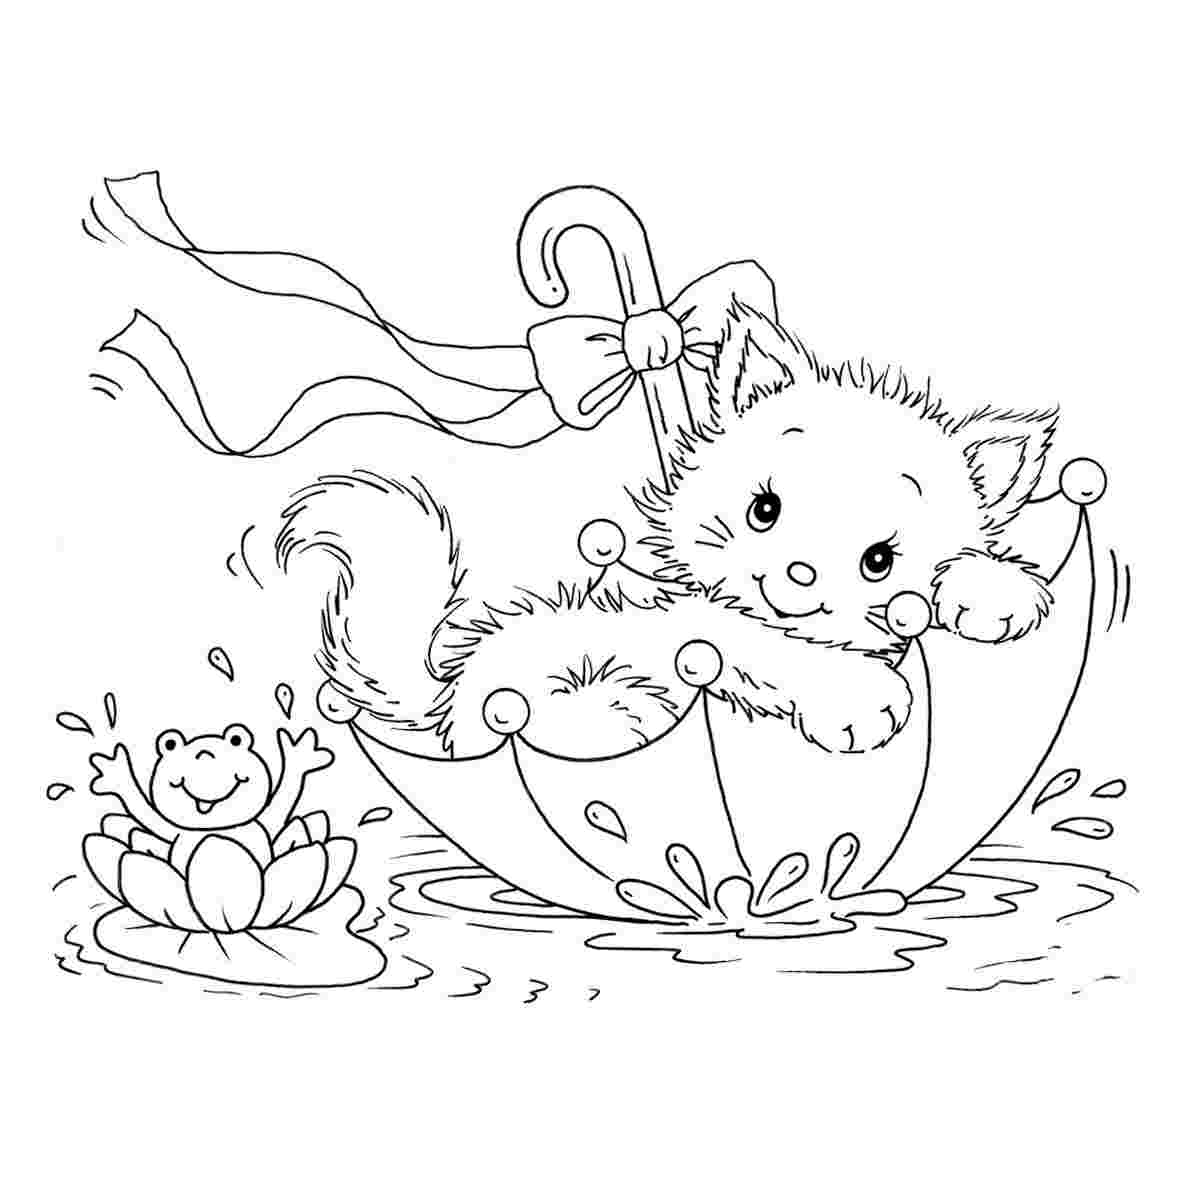 Tranh tô màu chú mèo nằm trong lòng ô